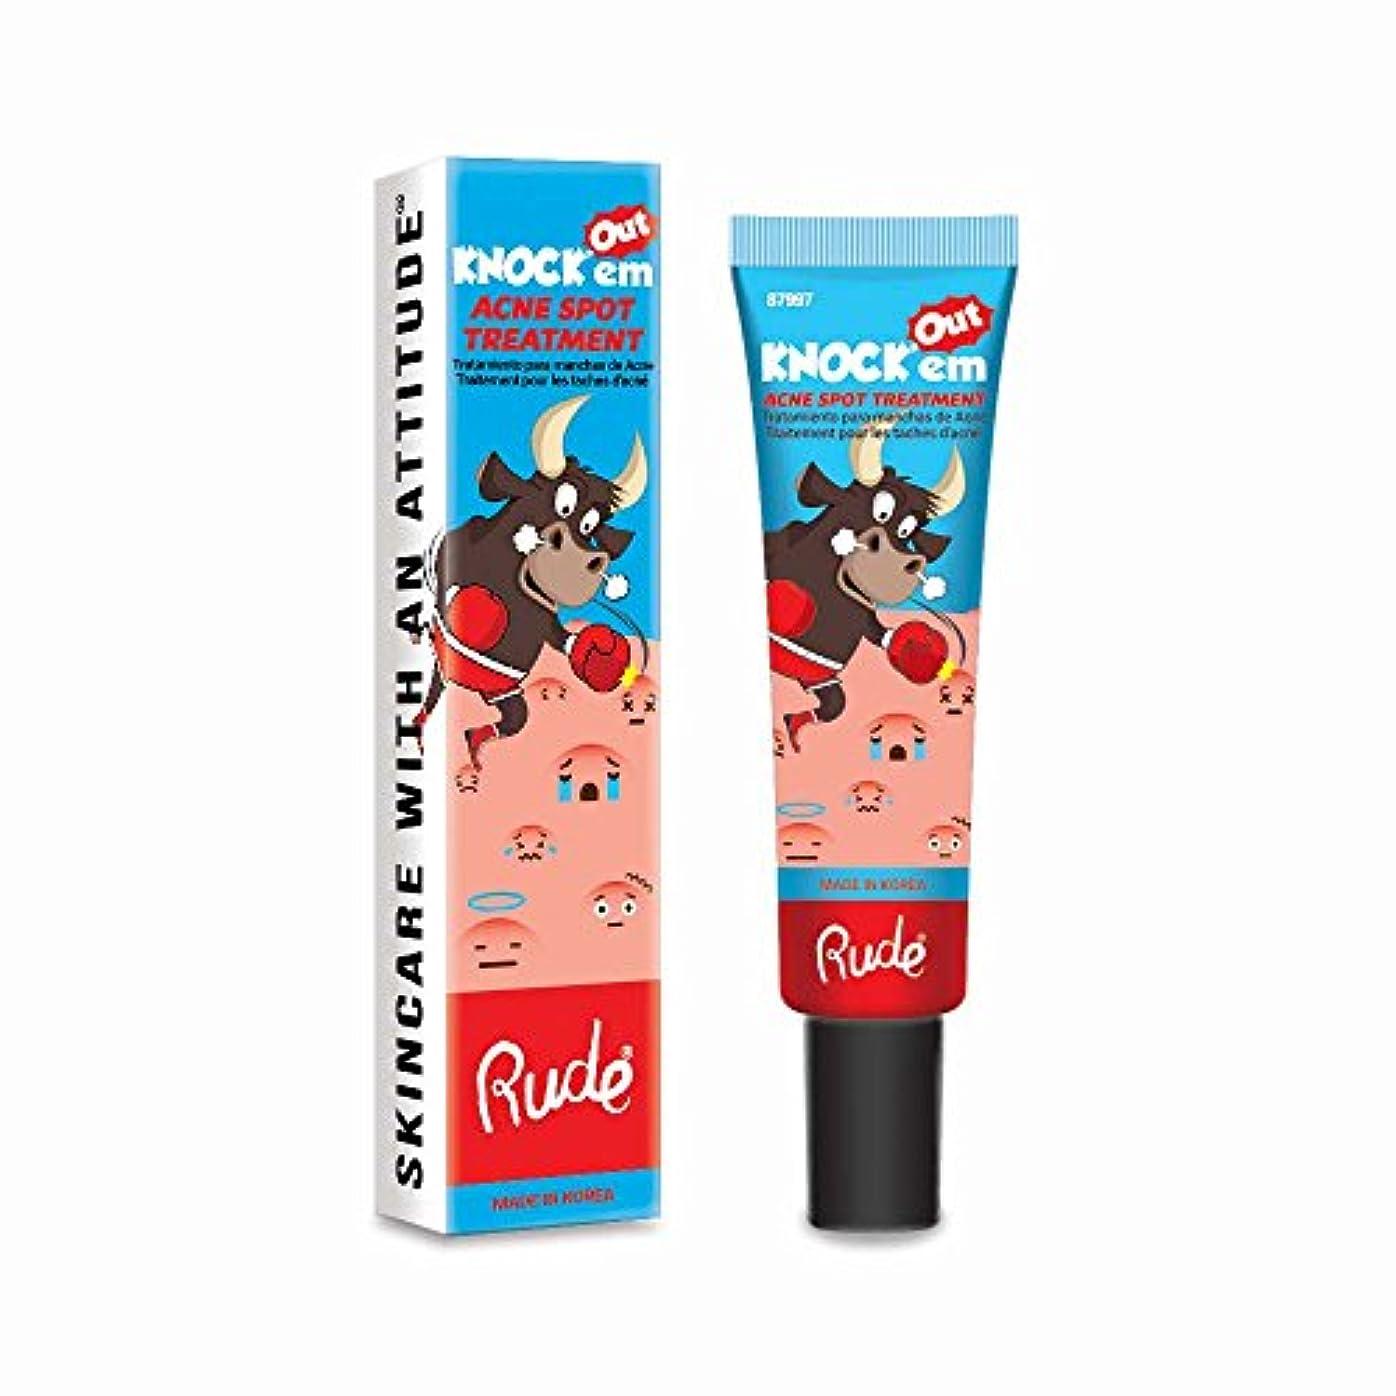 スリンク吐くユーモア(6 Pack) RUDE Knock'em Acne Spot Treatment (並行輸入品)